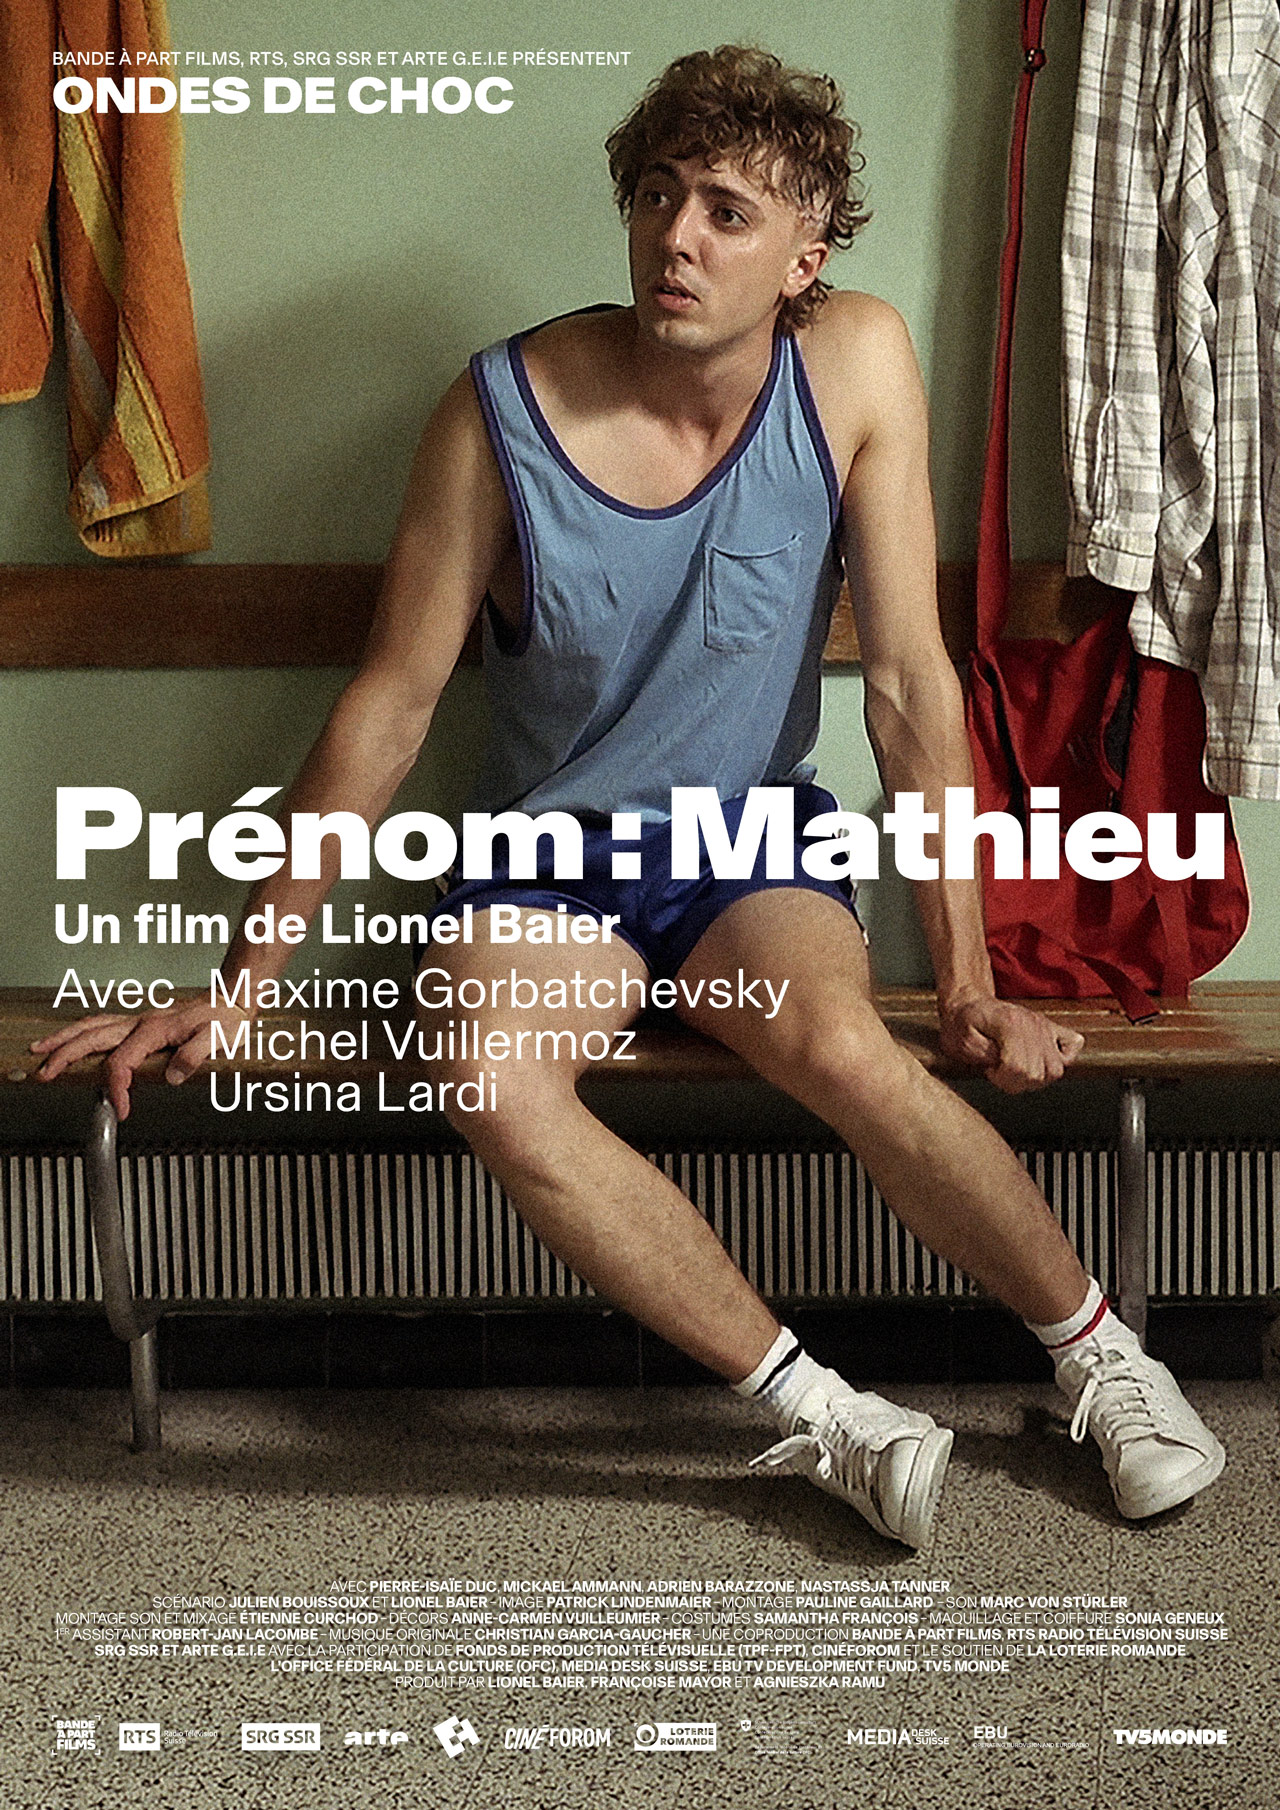 Ondes de choc [4] : Prénom : Mathieu